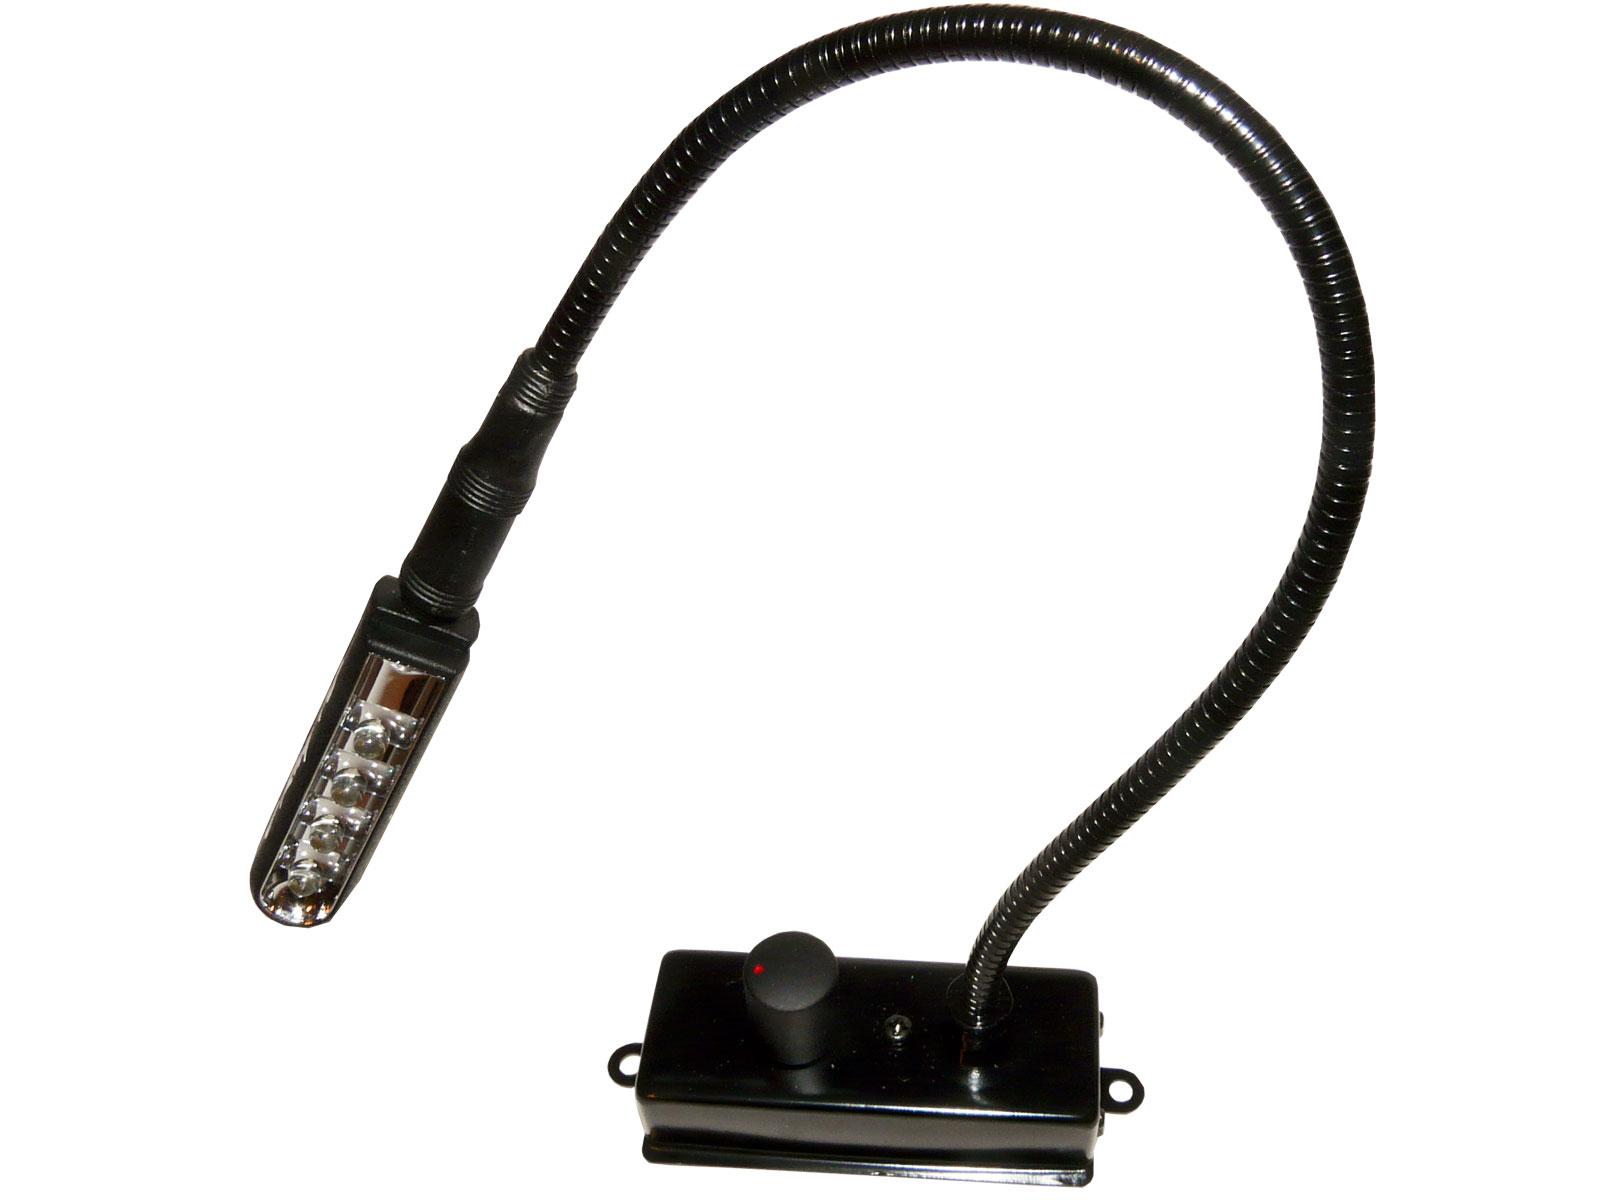 led schwanenhalslampe dimmbar f r mischpulte jl 908. Black Bedroom Furniture Sets. Home Design Ideas